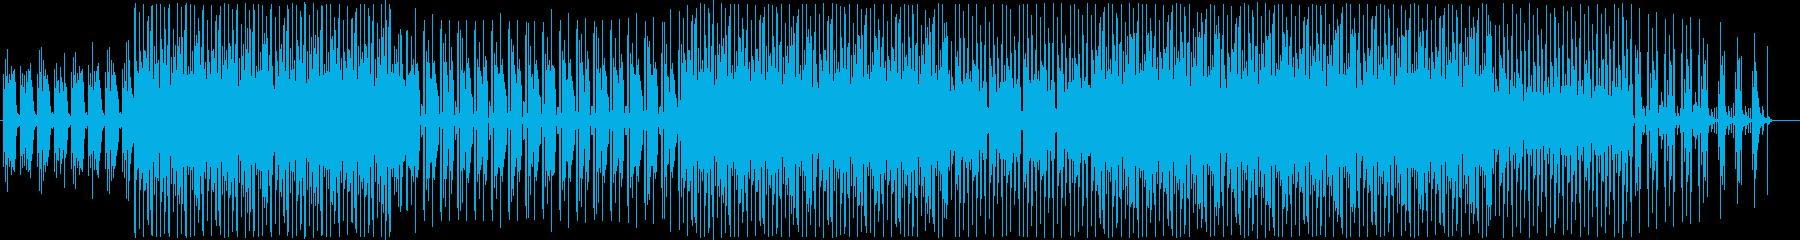 まったりかわいげギターチルホップの再生済みの波形